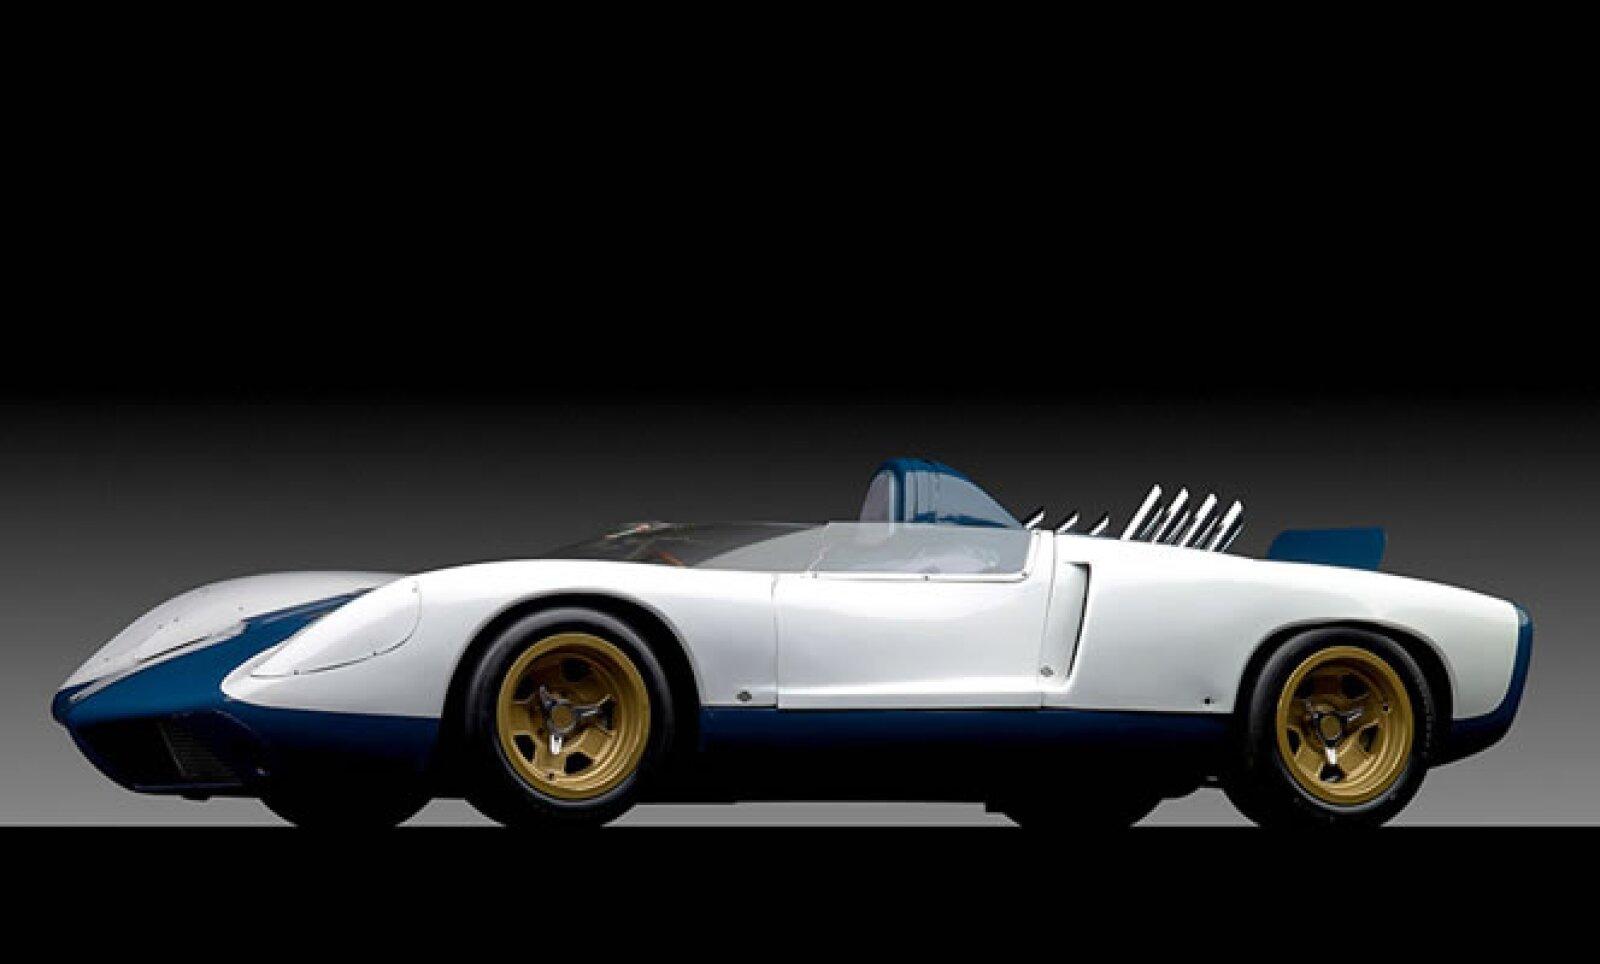 Con un concepto Corvette con motor central, este modelo fue el primer ejemplo conocido de par vectorial de tracción total, un sistema que cambia la distribución de energía entre las cuatro ruedas. Se vendió por 1.1 mdd.